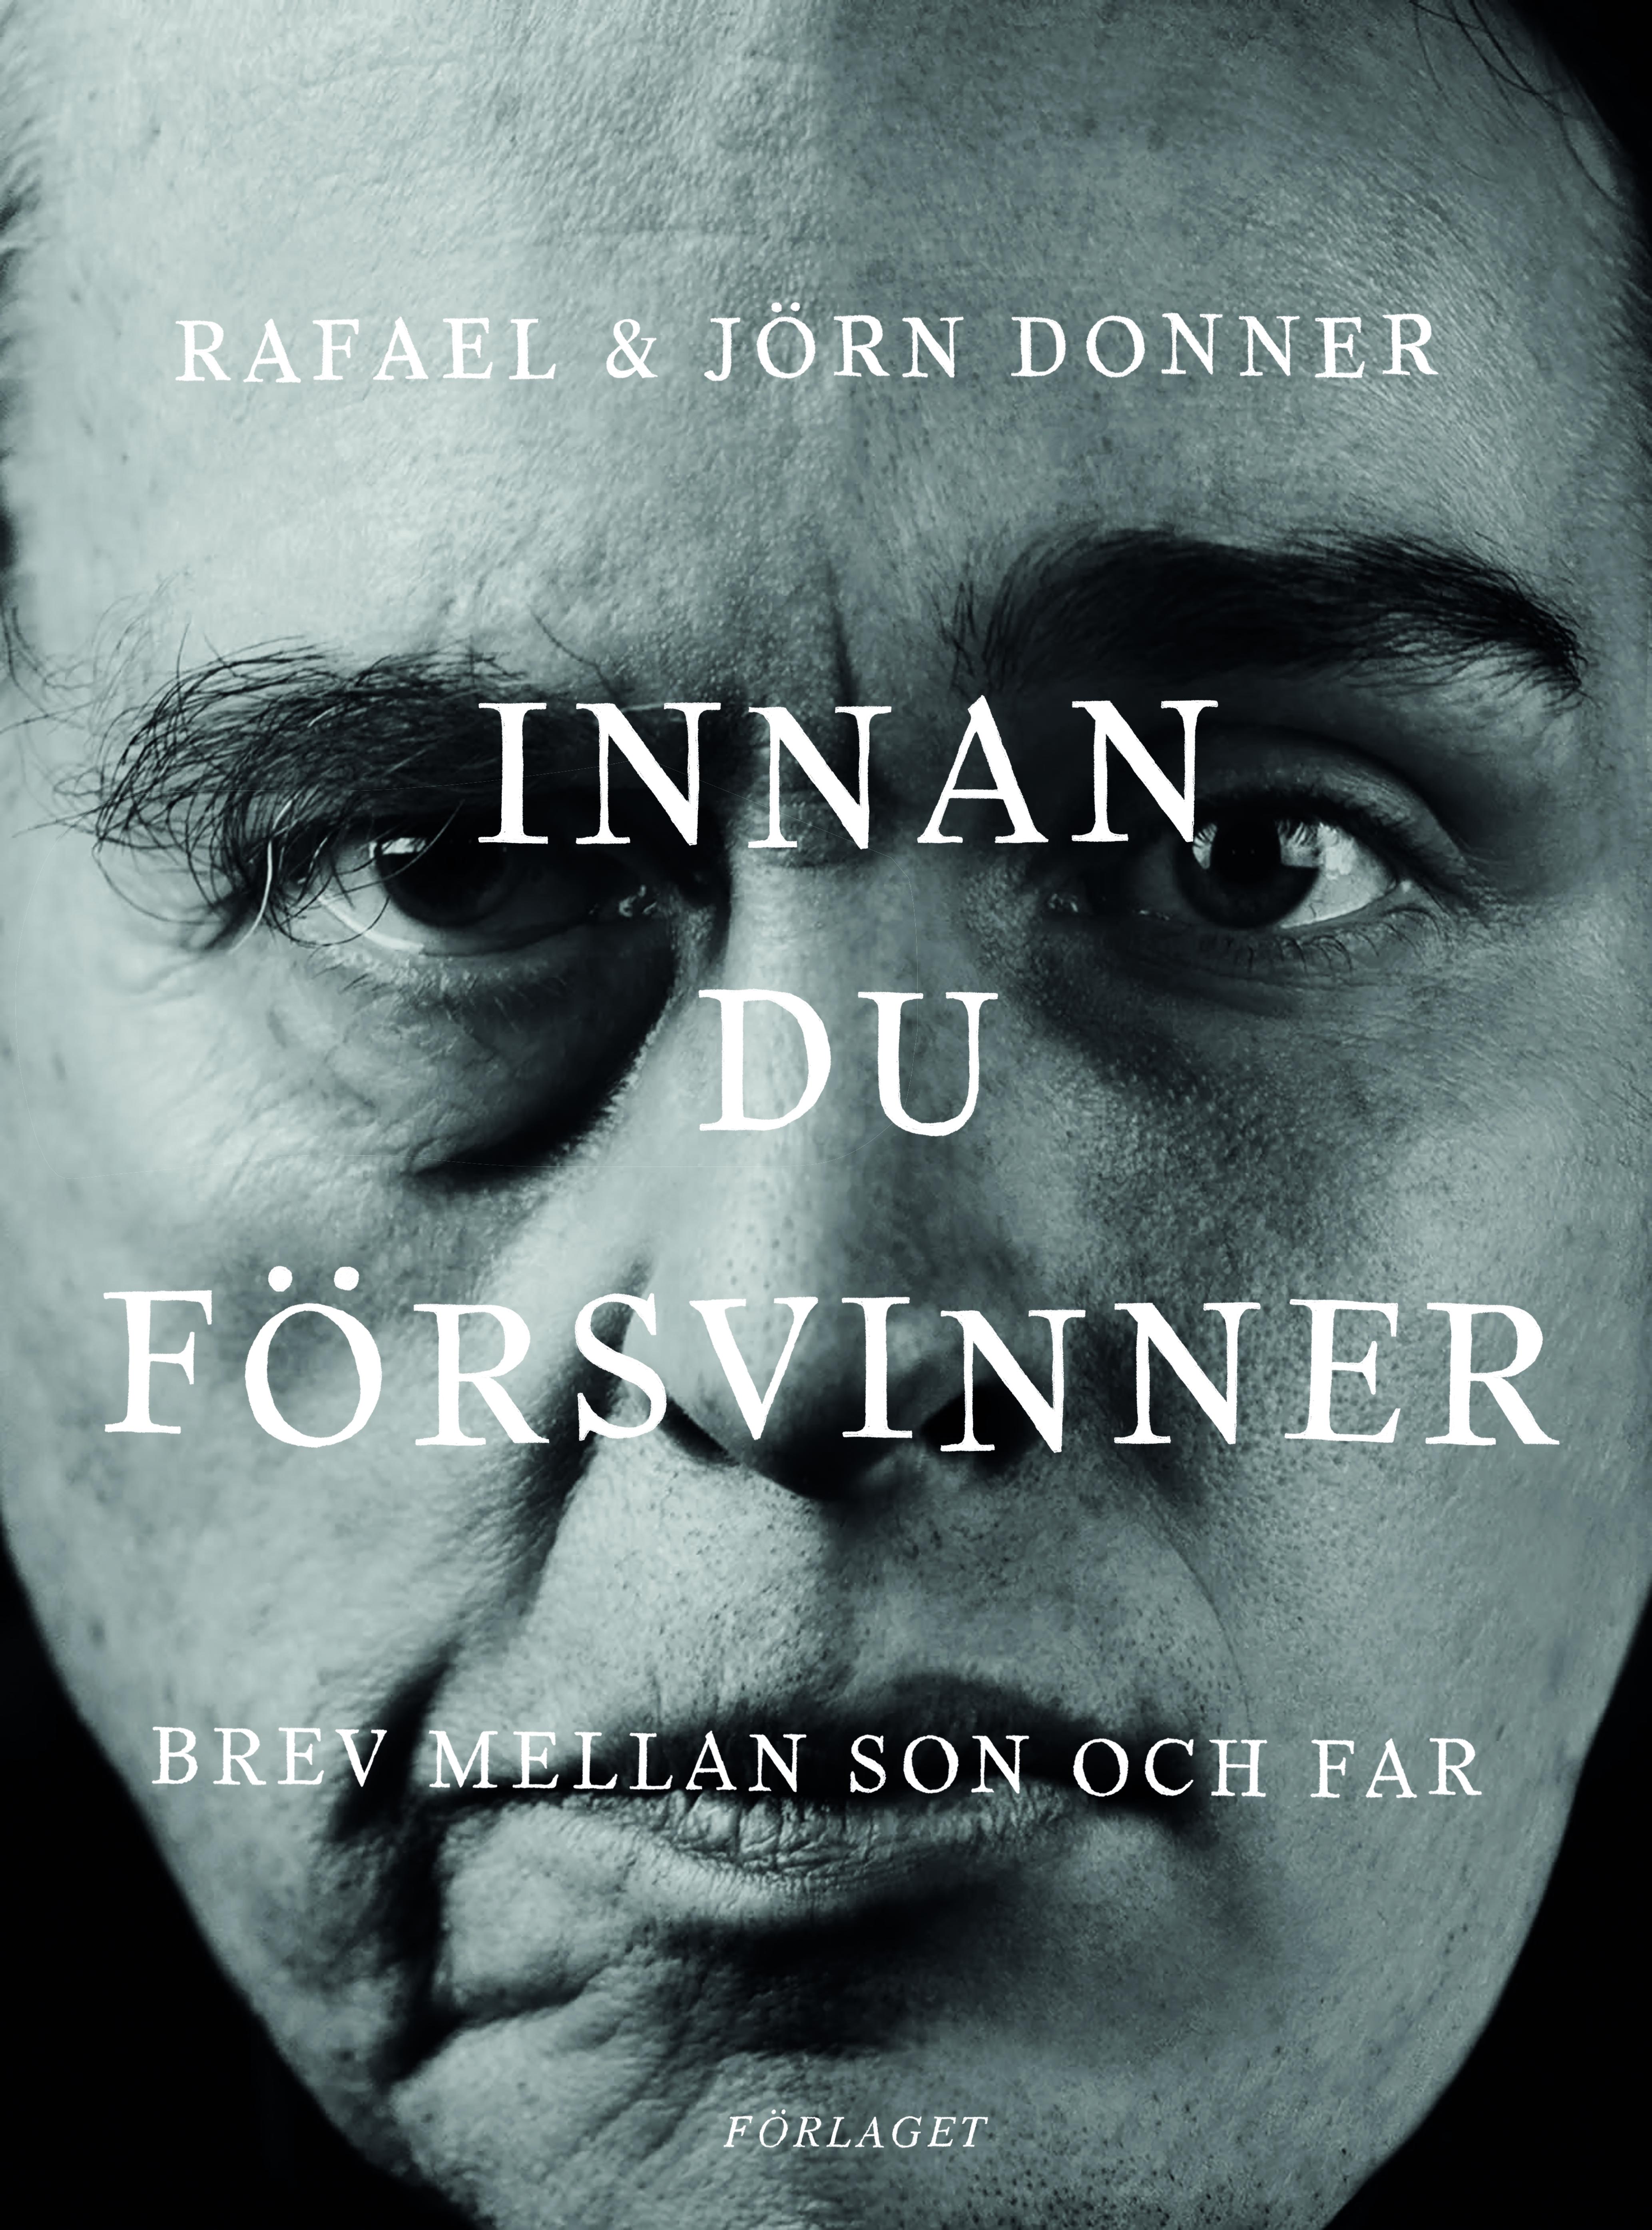 Rafael Donner, Jörn Donner: Innan du försvinner